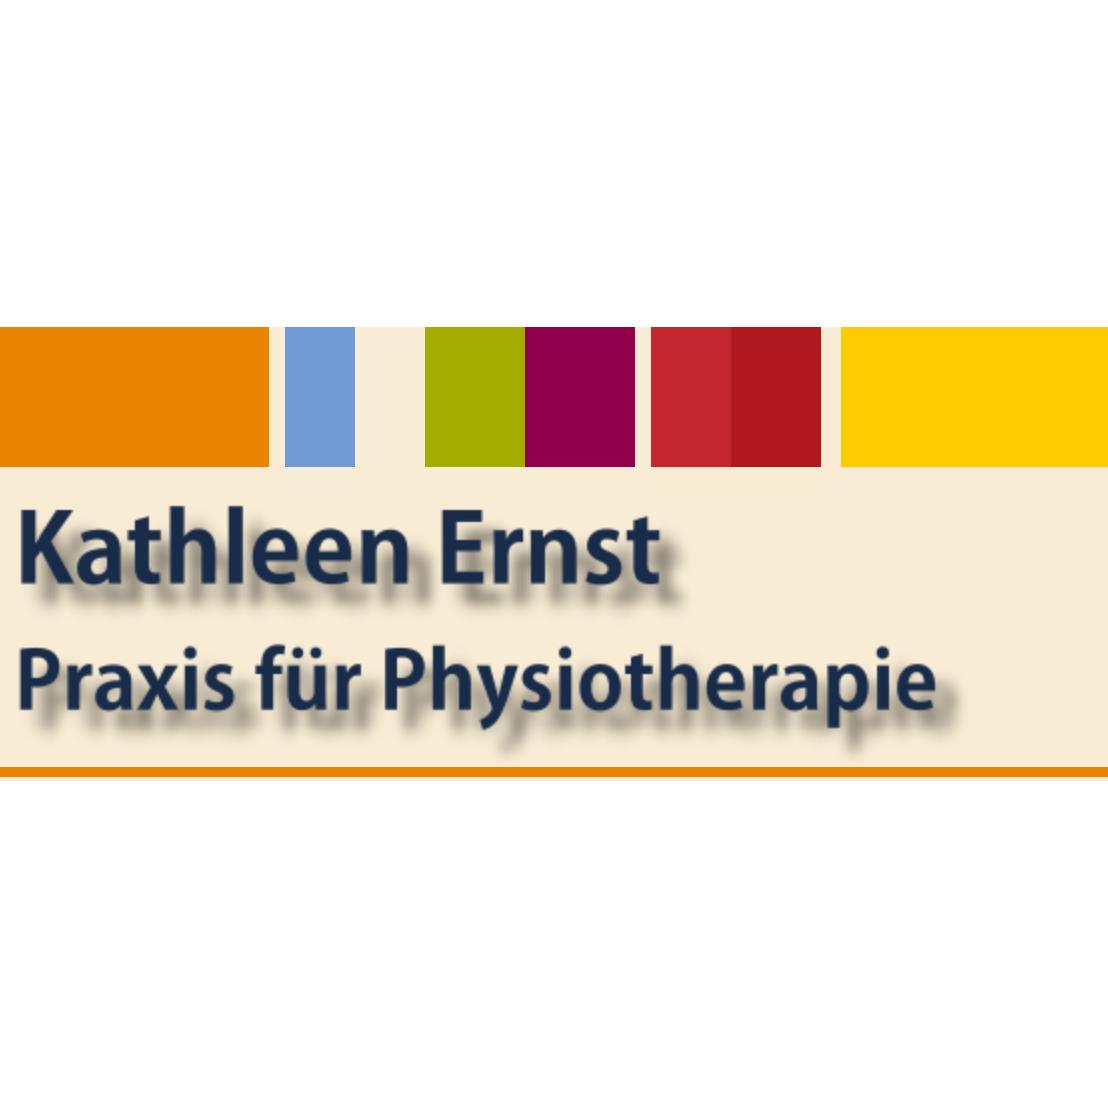 Kathleen Ernst - Praxis für Physiotherapie